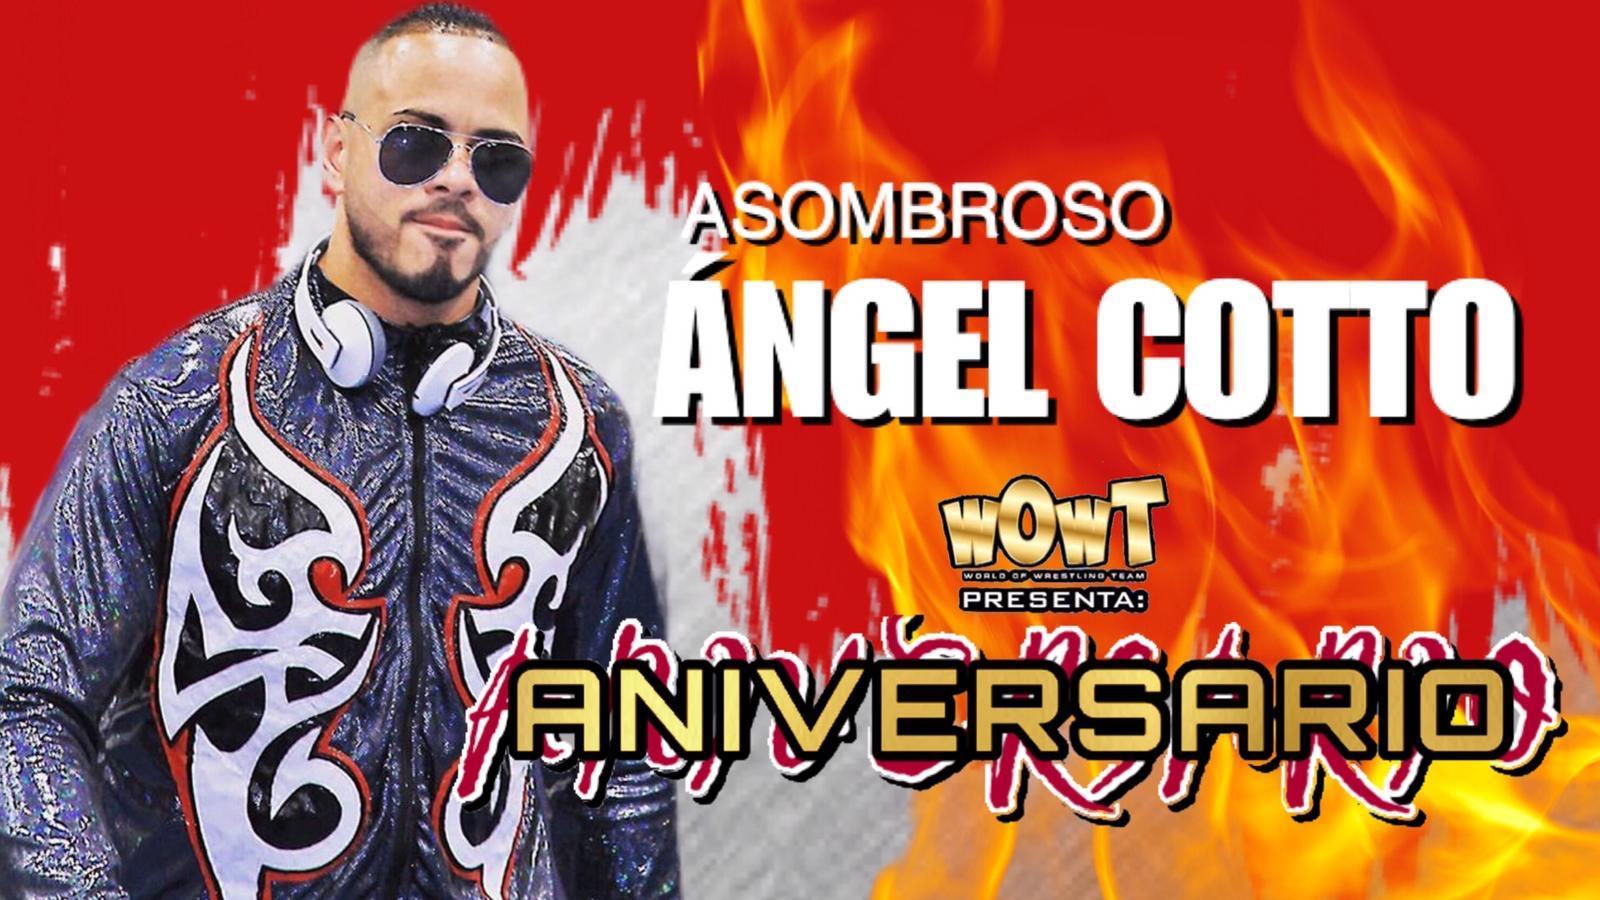 """WOWT: """"Hago un reto abierto para cualquier luchador en Aniversario"""" Angel Cotto 8"""